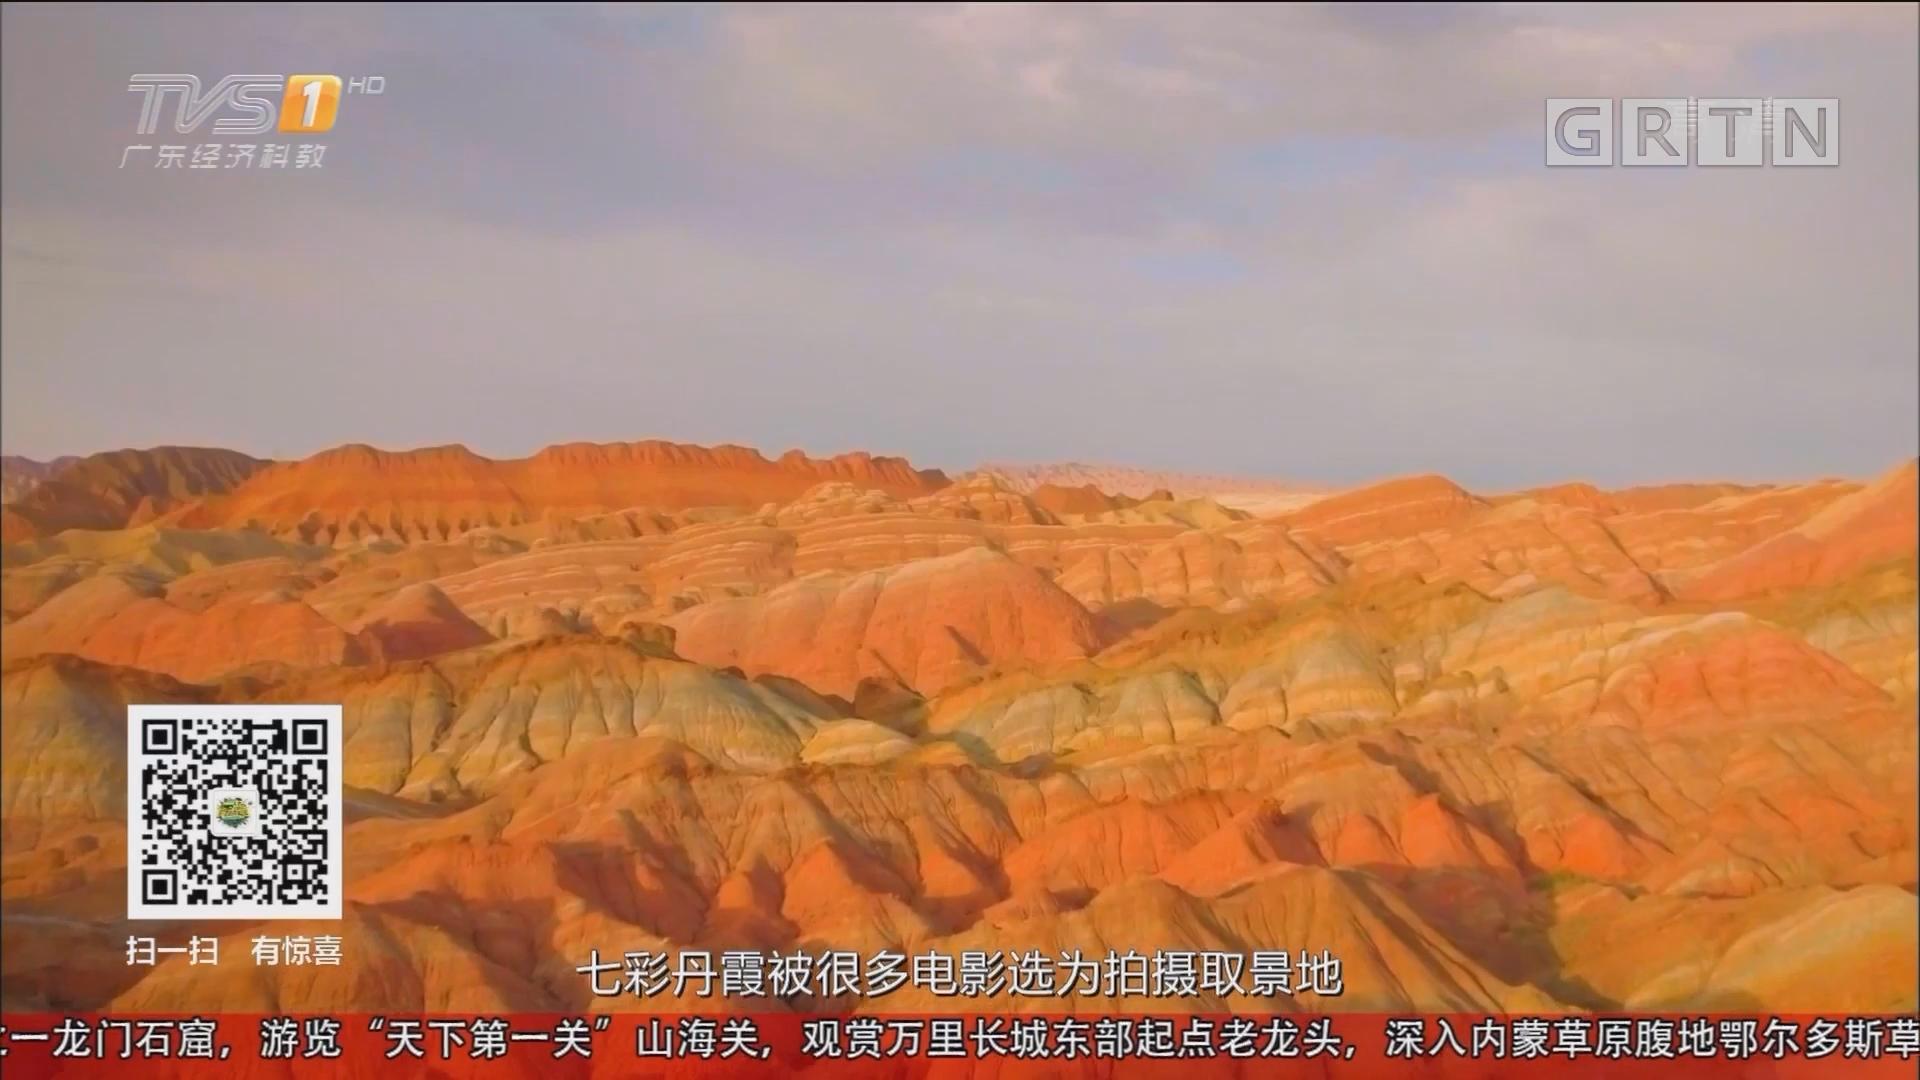 西域火车之旅——镜头下的七彩丹霞